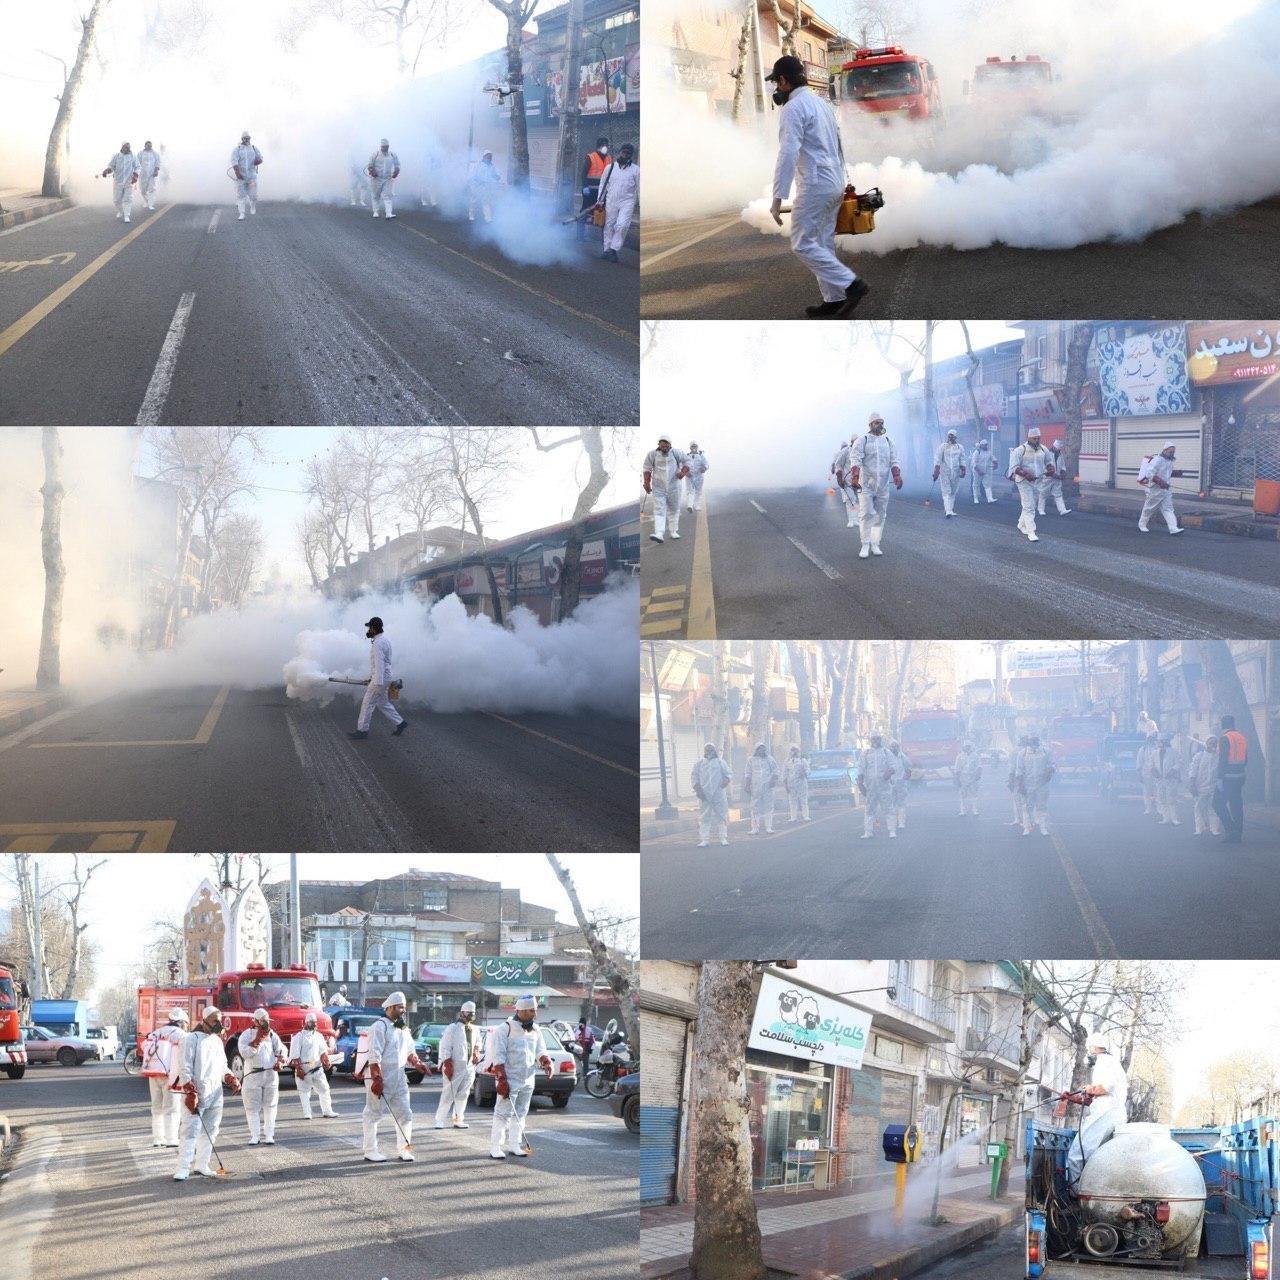 کار کارستان شهرداری لاهیجان برای ضدعفونی کردن سطح شهر